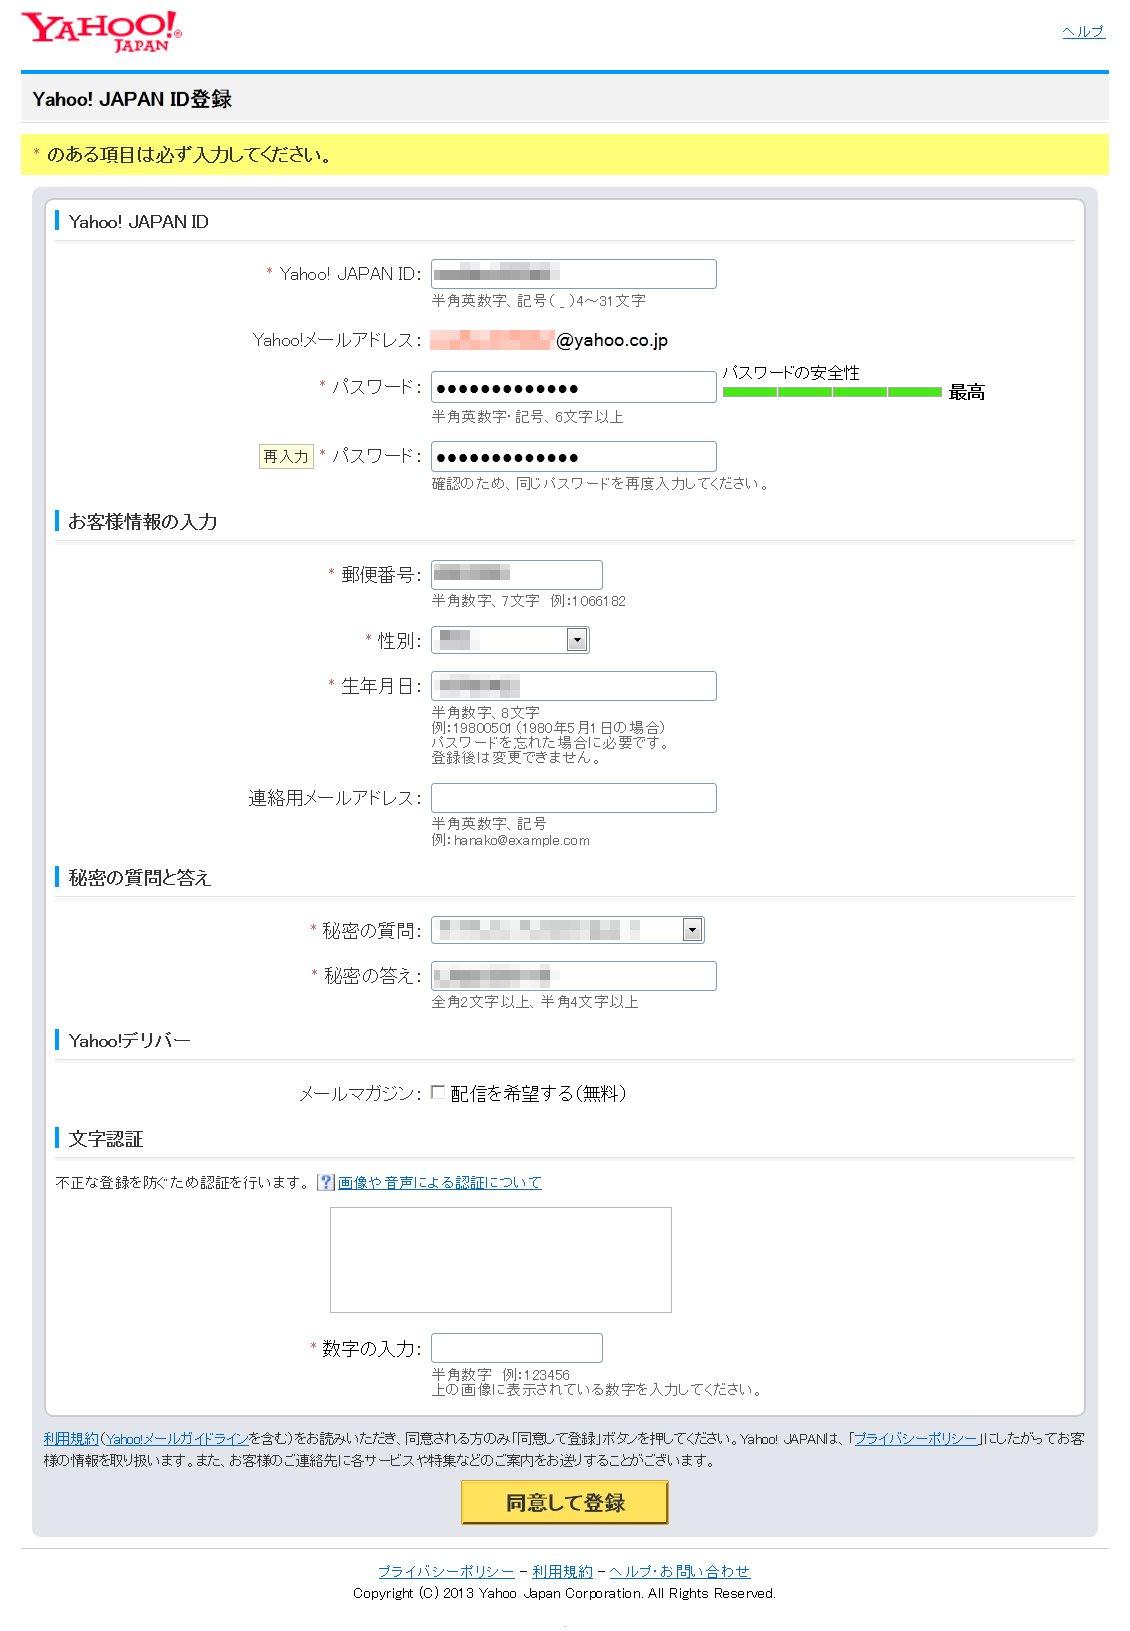 Yahoo! JAPAN ID登録 - Yahoo! JAPAN